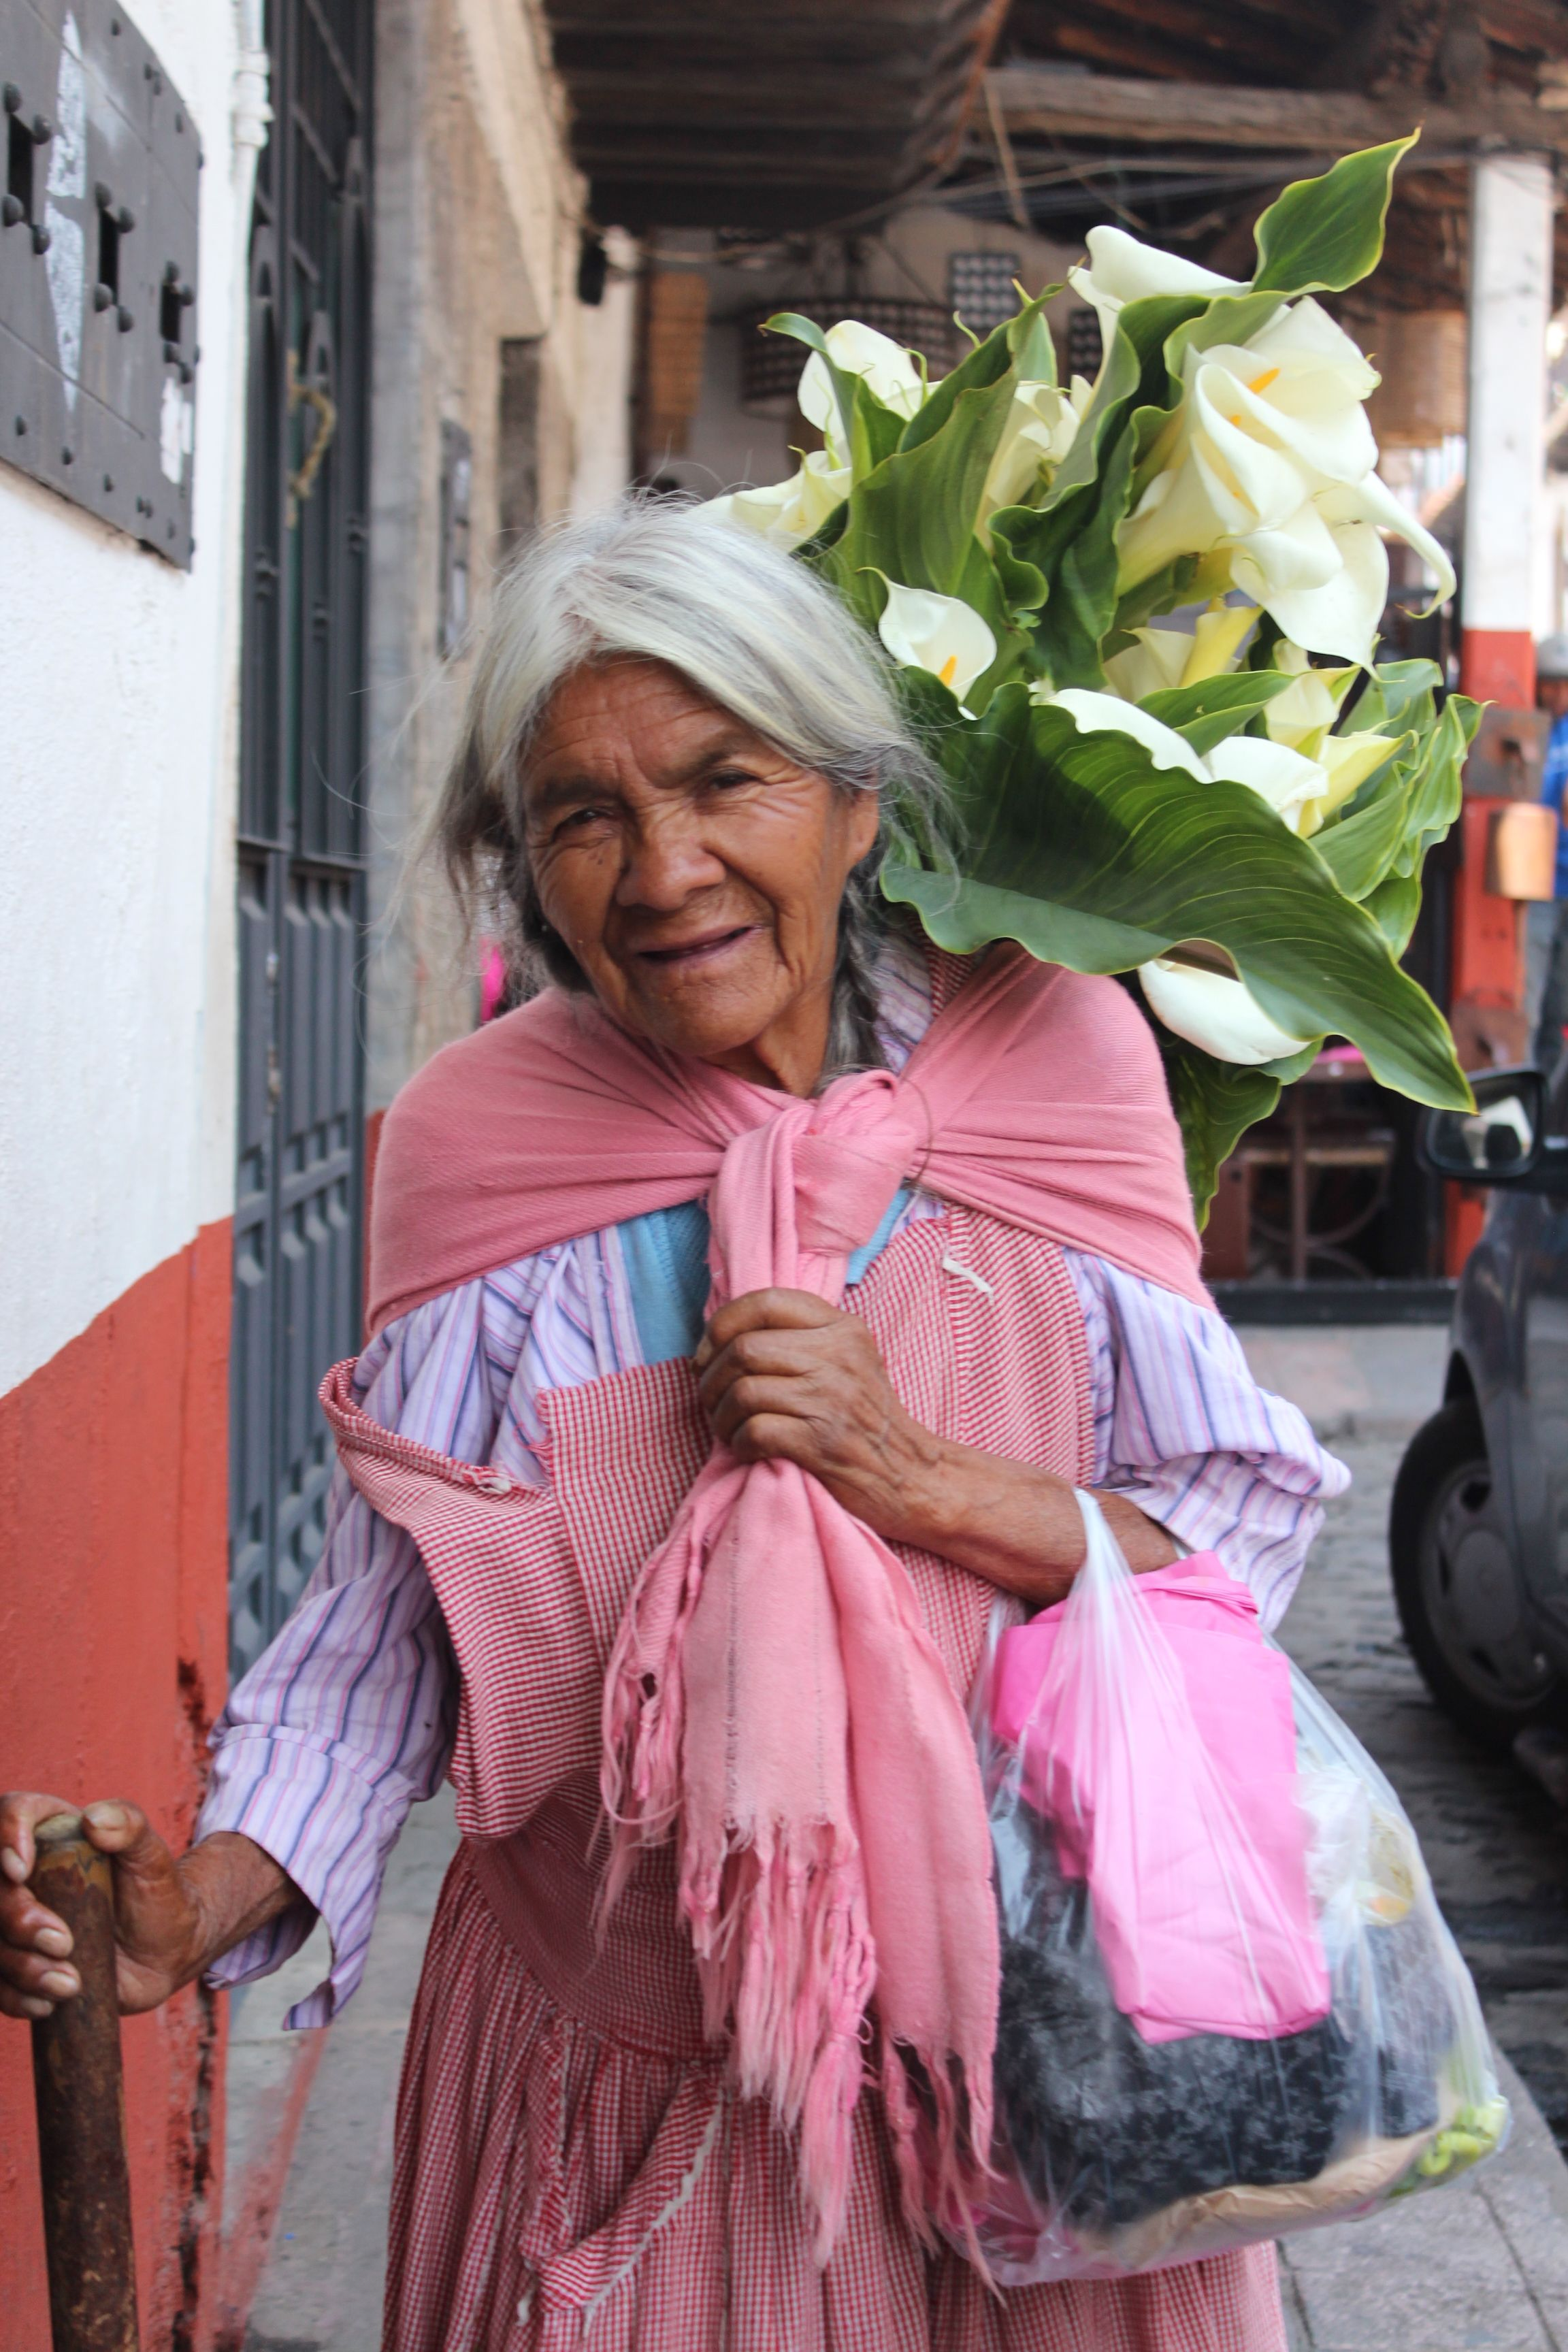 De Liliana Ibarra ... Señora vendiendo alcatraces en valle de bravo ...